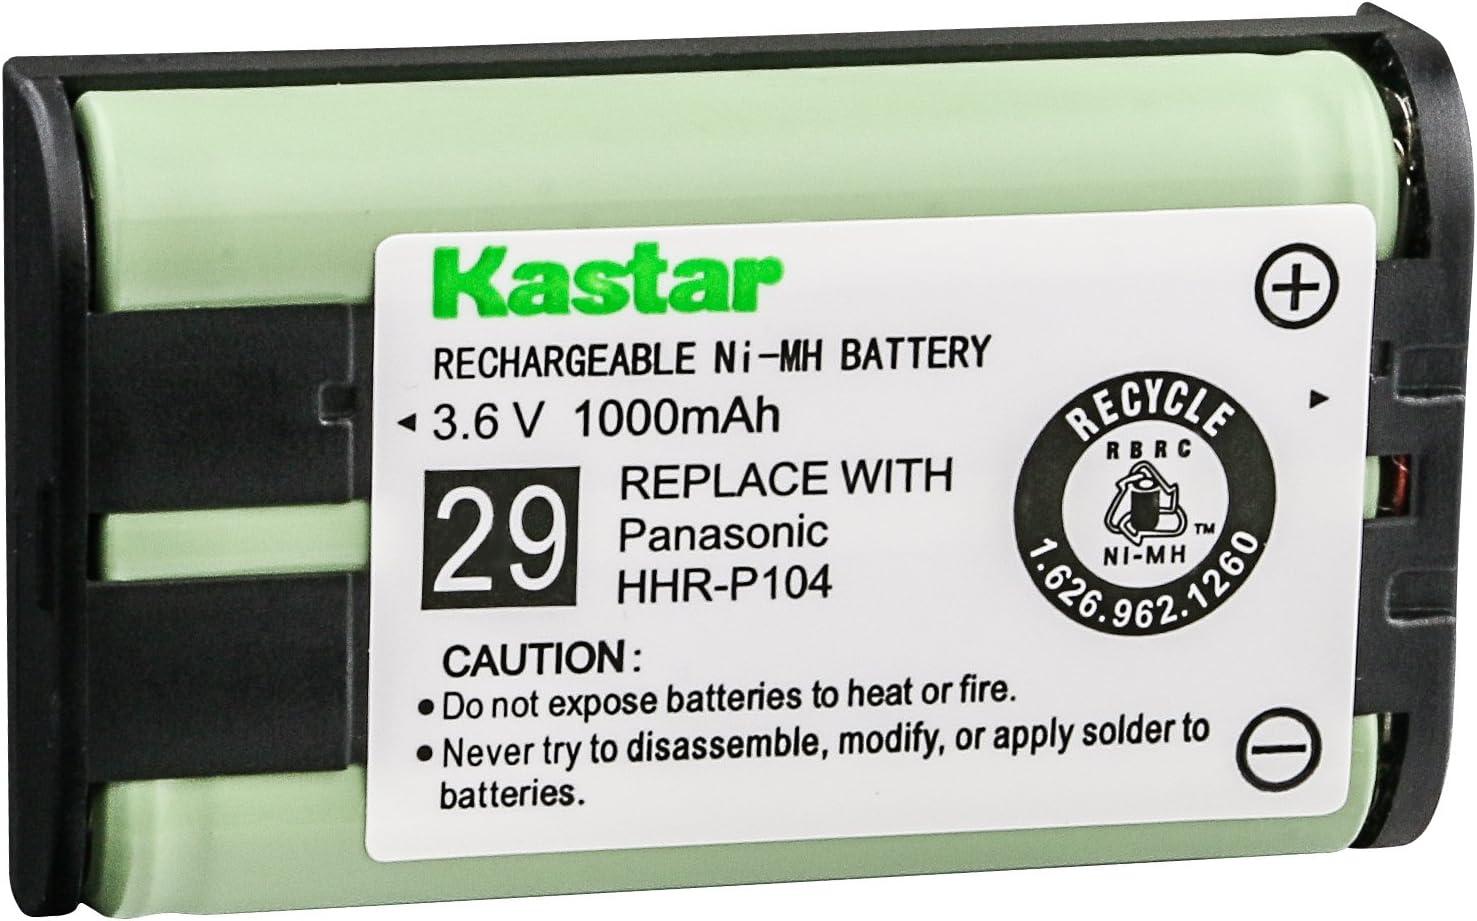 Kastar 3-Pack Type 29 Cordless Phone Battery for Panasonic HHR-P104 HHR-P104A 23968 439024 439025 KX-TG2302 KX-TG230 KX-TG2312 KX-TG2355W KX-TG2356 KX-TG2357 KX-TG2382B KX-TG2386B KX-TG2388B KX-TG2396